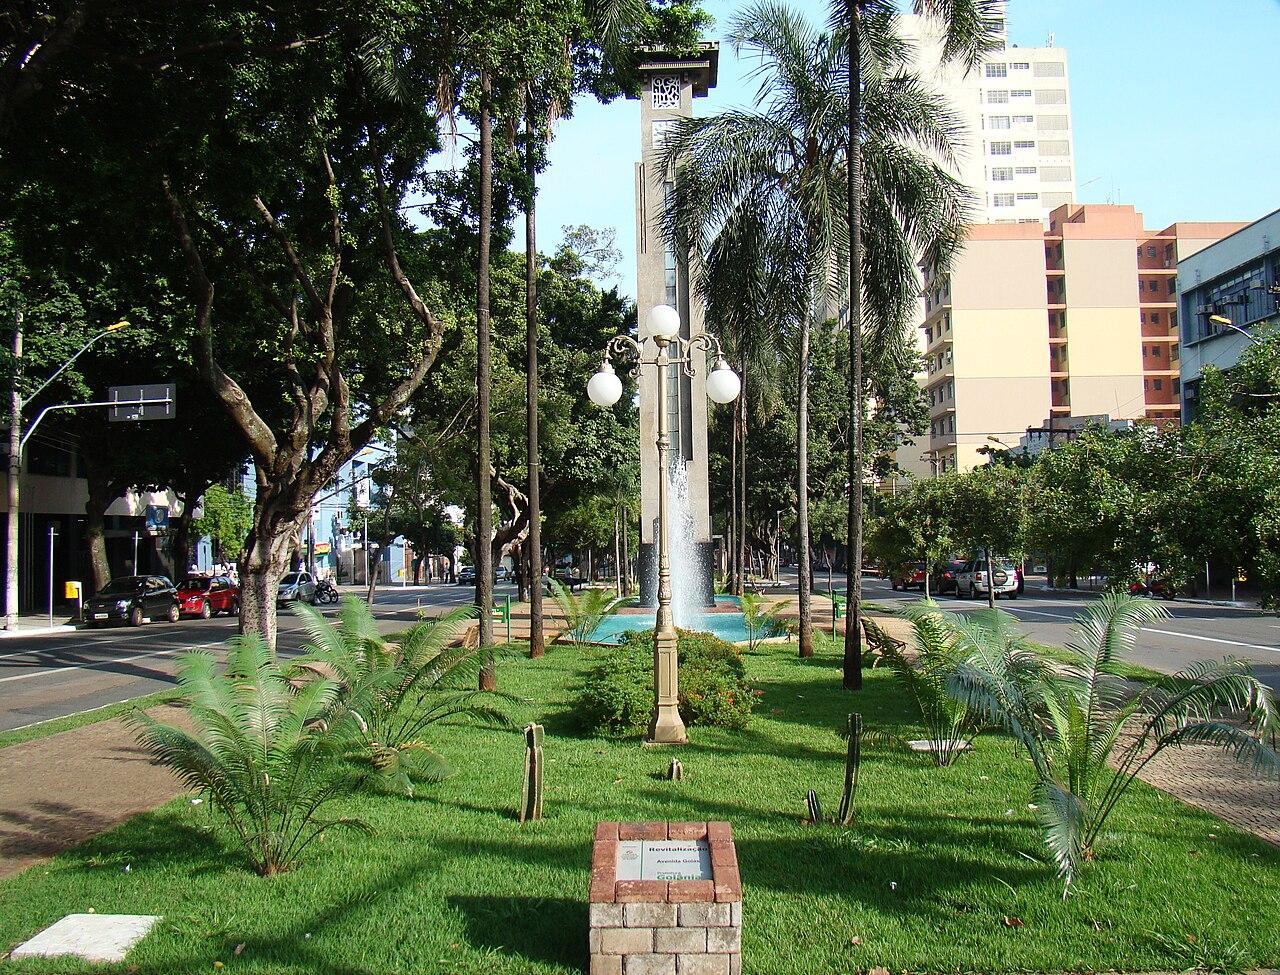 Goiania avenida goias.jpg